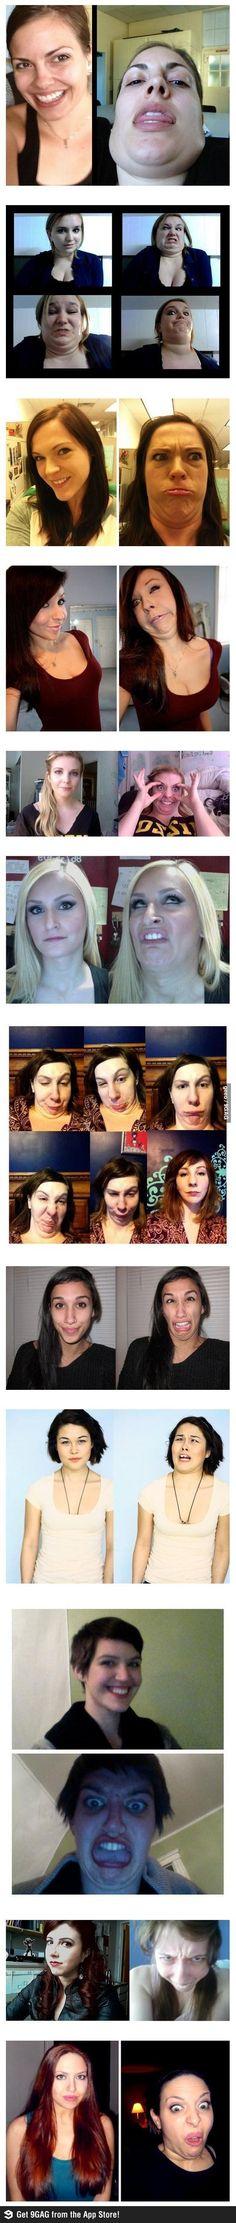 Bwahahahaha! these women are amazing women!